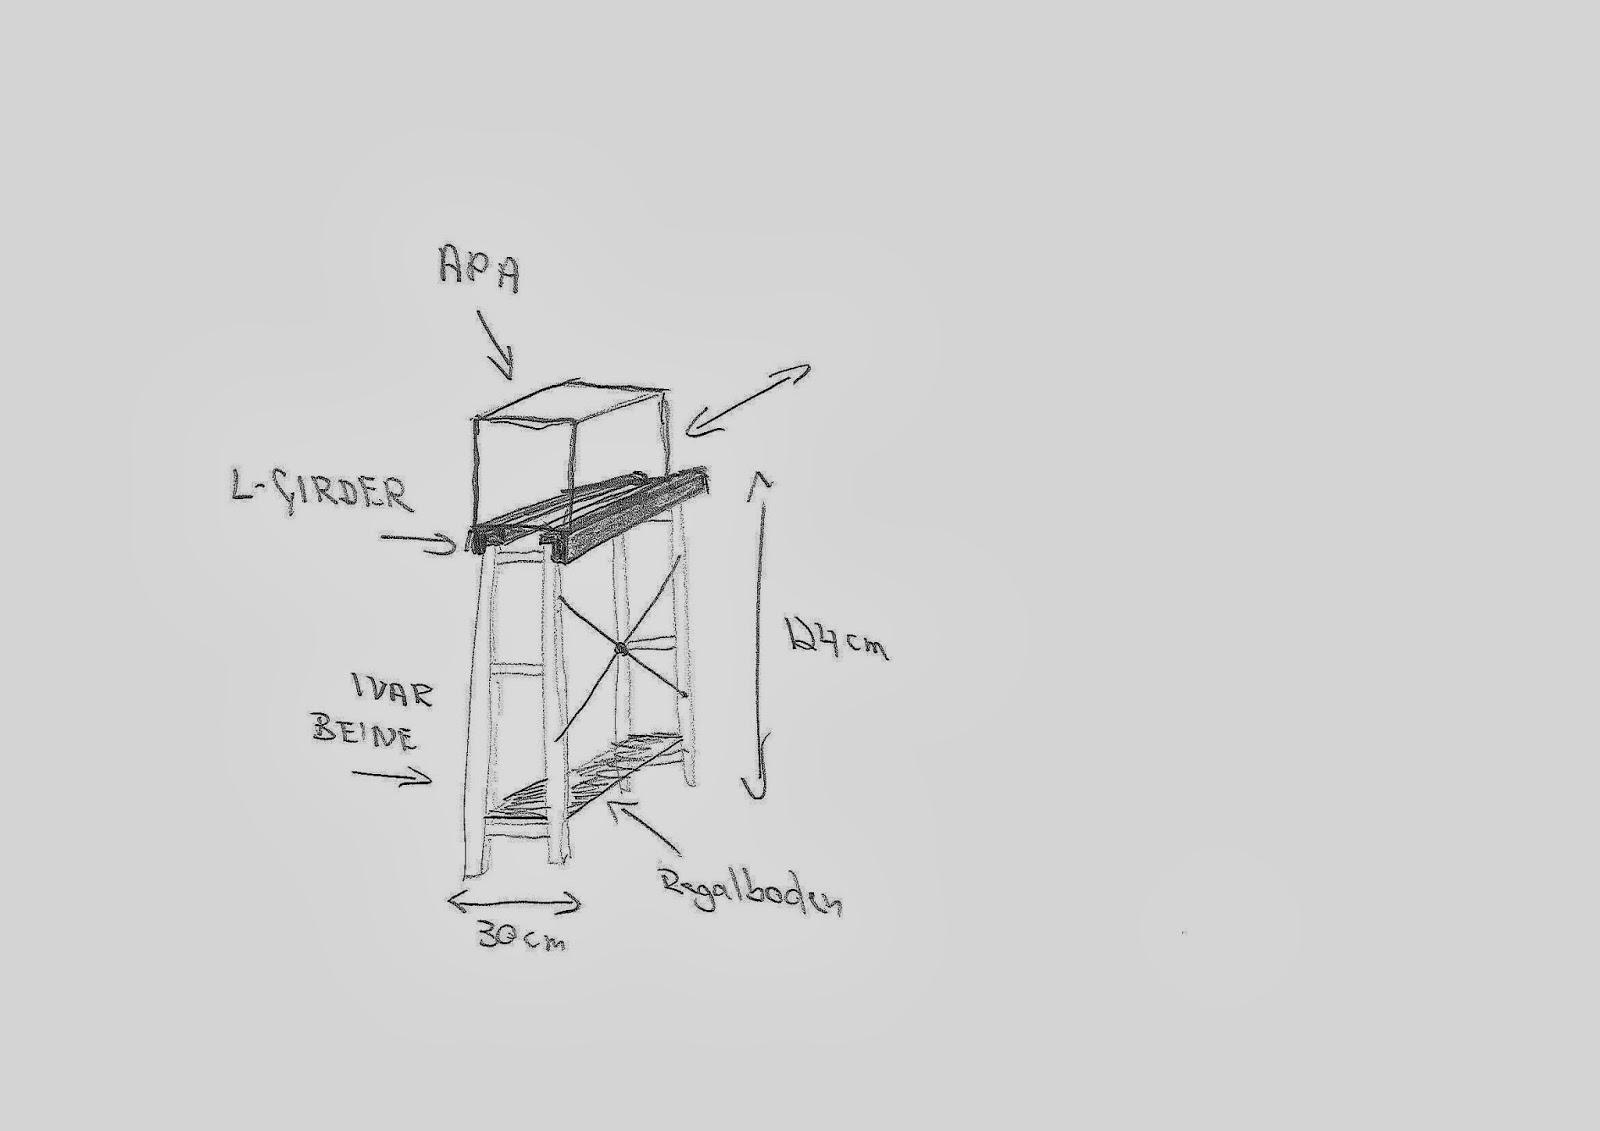 HOn3-APA-Anlage: Brainstorming Beine + Beleuchtung